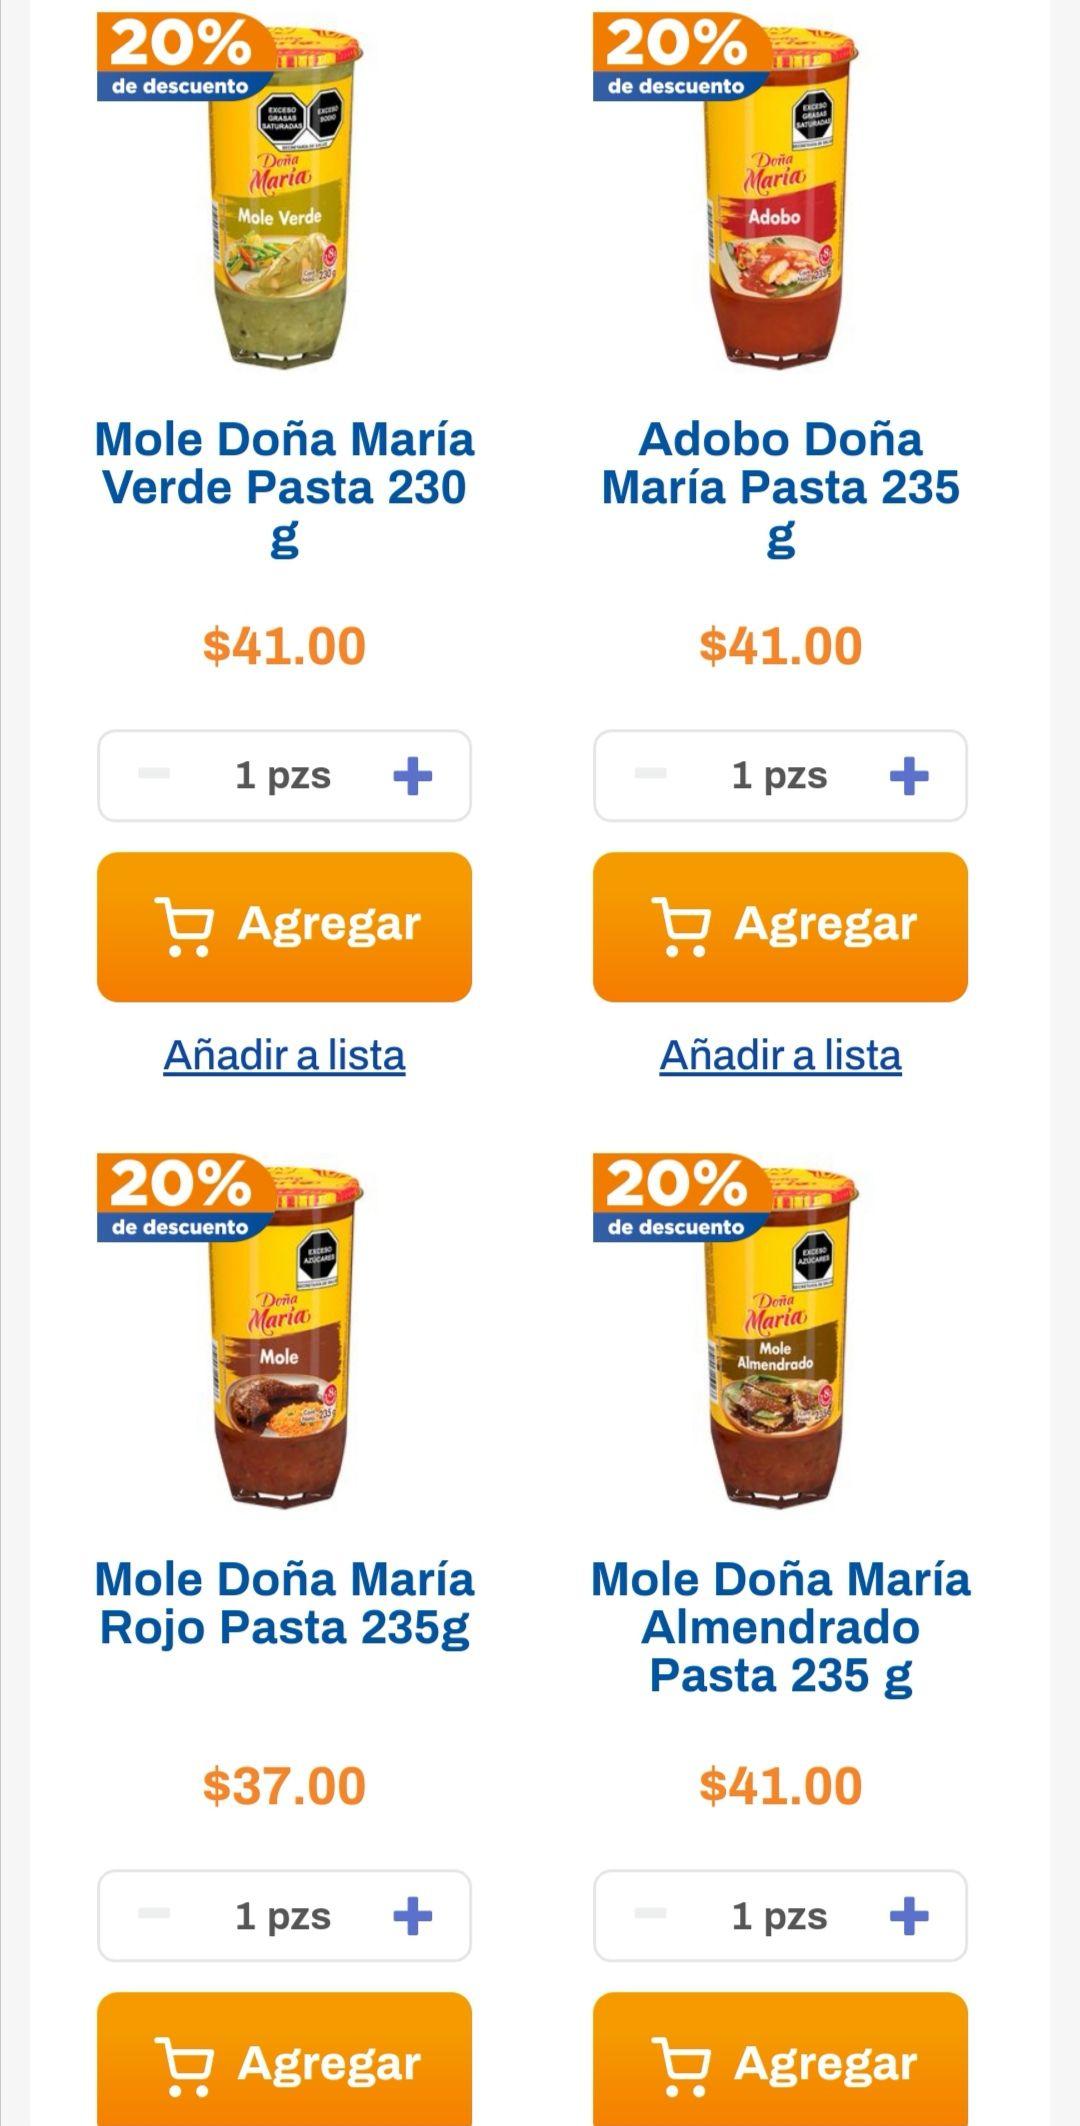 Chedraui: 20% de descuento en todo el mole Doña María